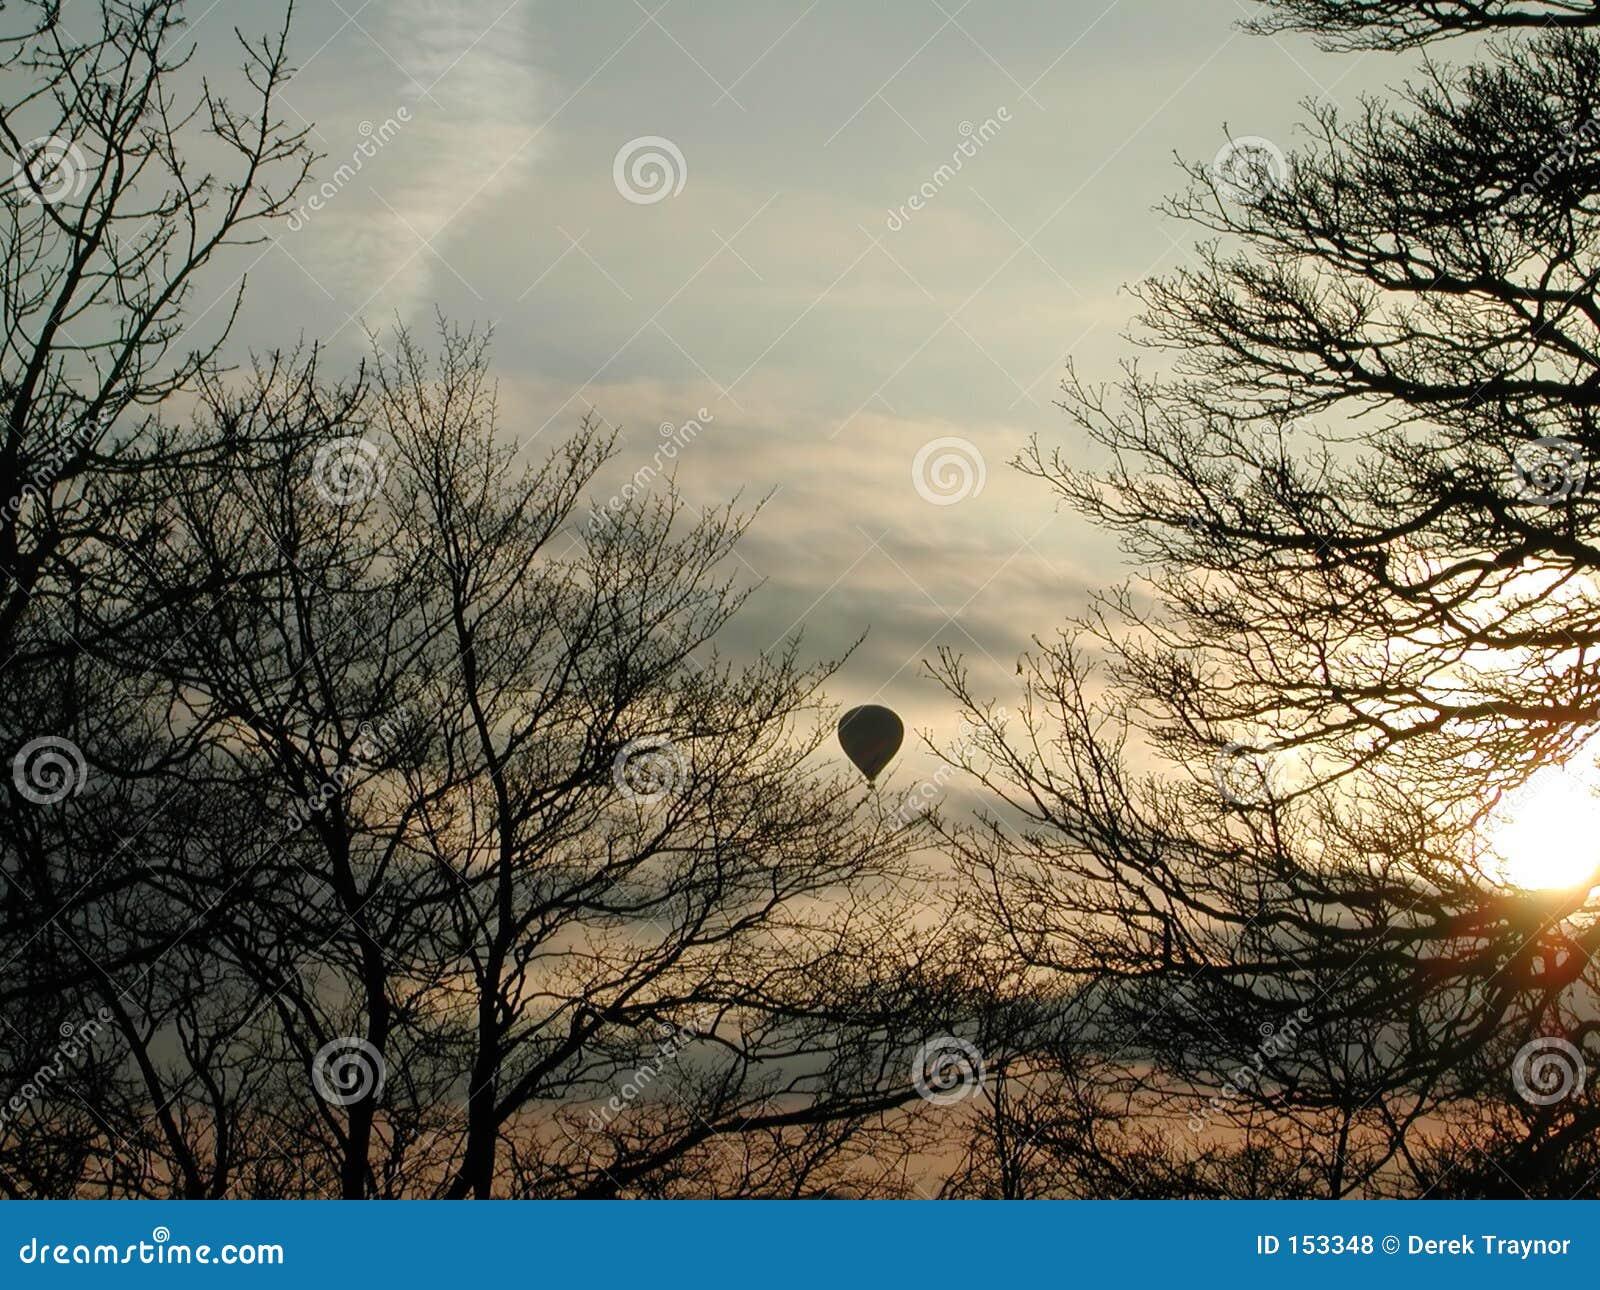 Ballon tussen bomen